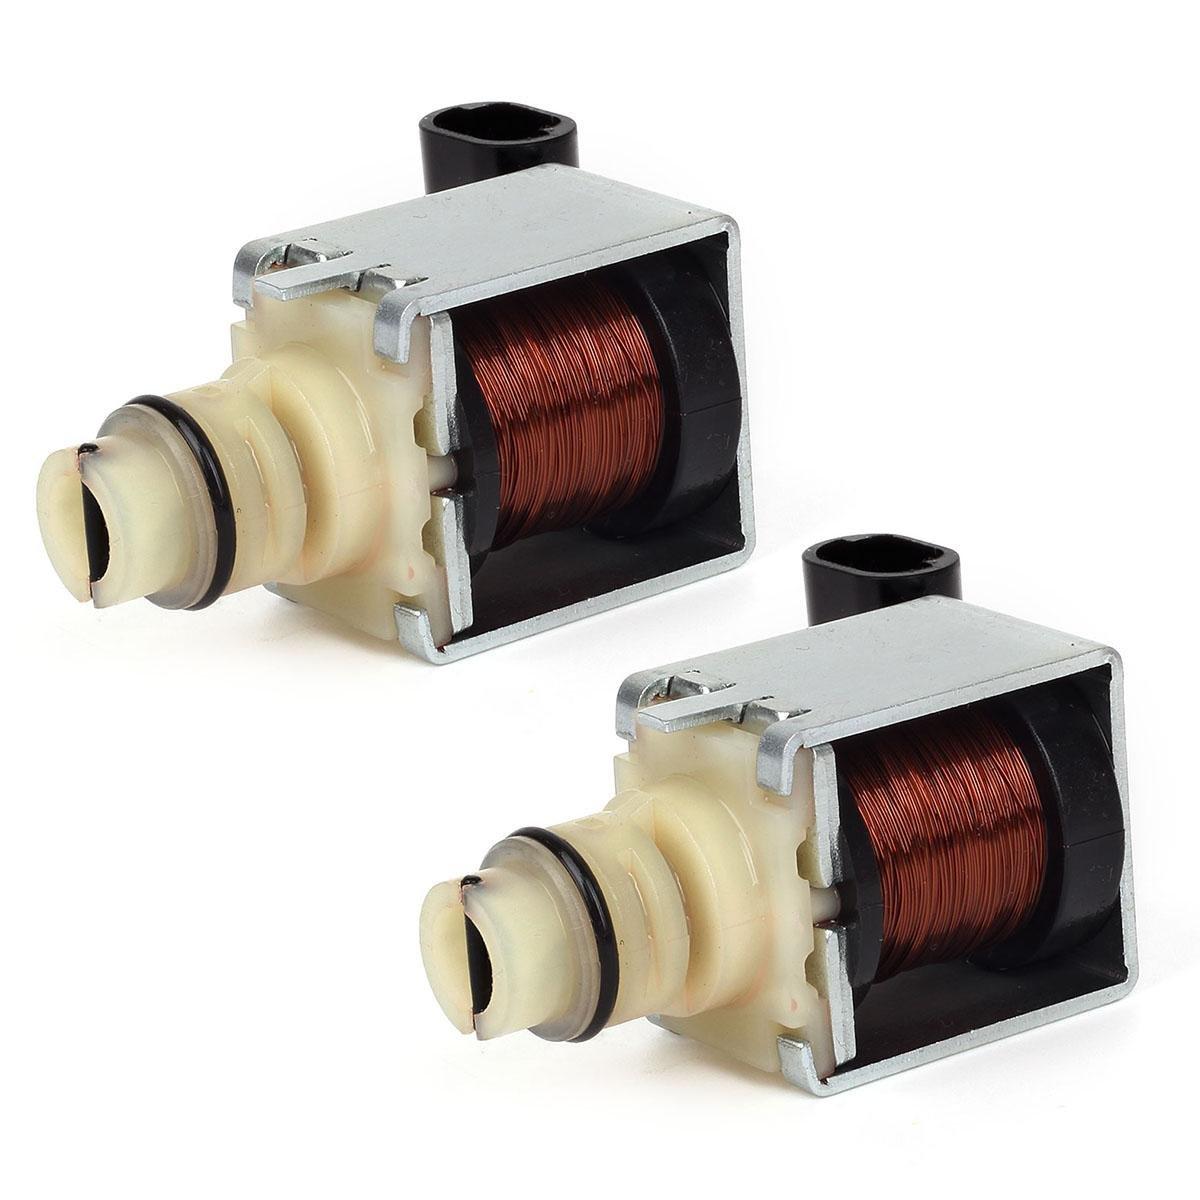 Partsam 2pcs 4t65e Transmission 1 2 3 4 Shift Pontiac Aztek Tcc Wiring Diagram Solenoids Set Compatible With Gm Chevrolet Impala 97 Up Automotive